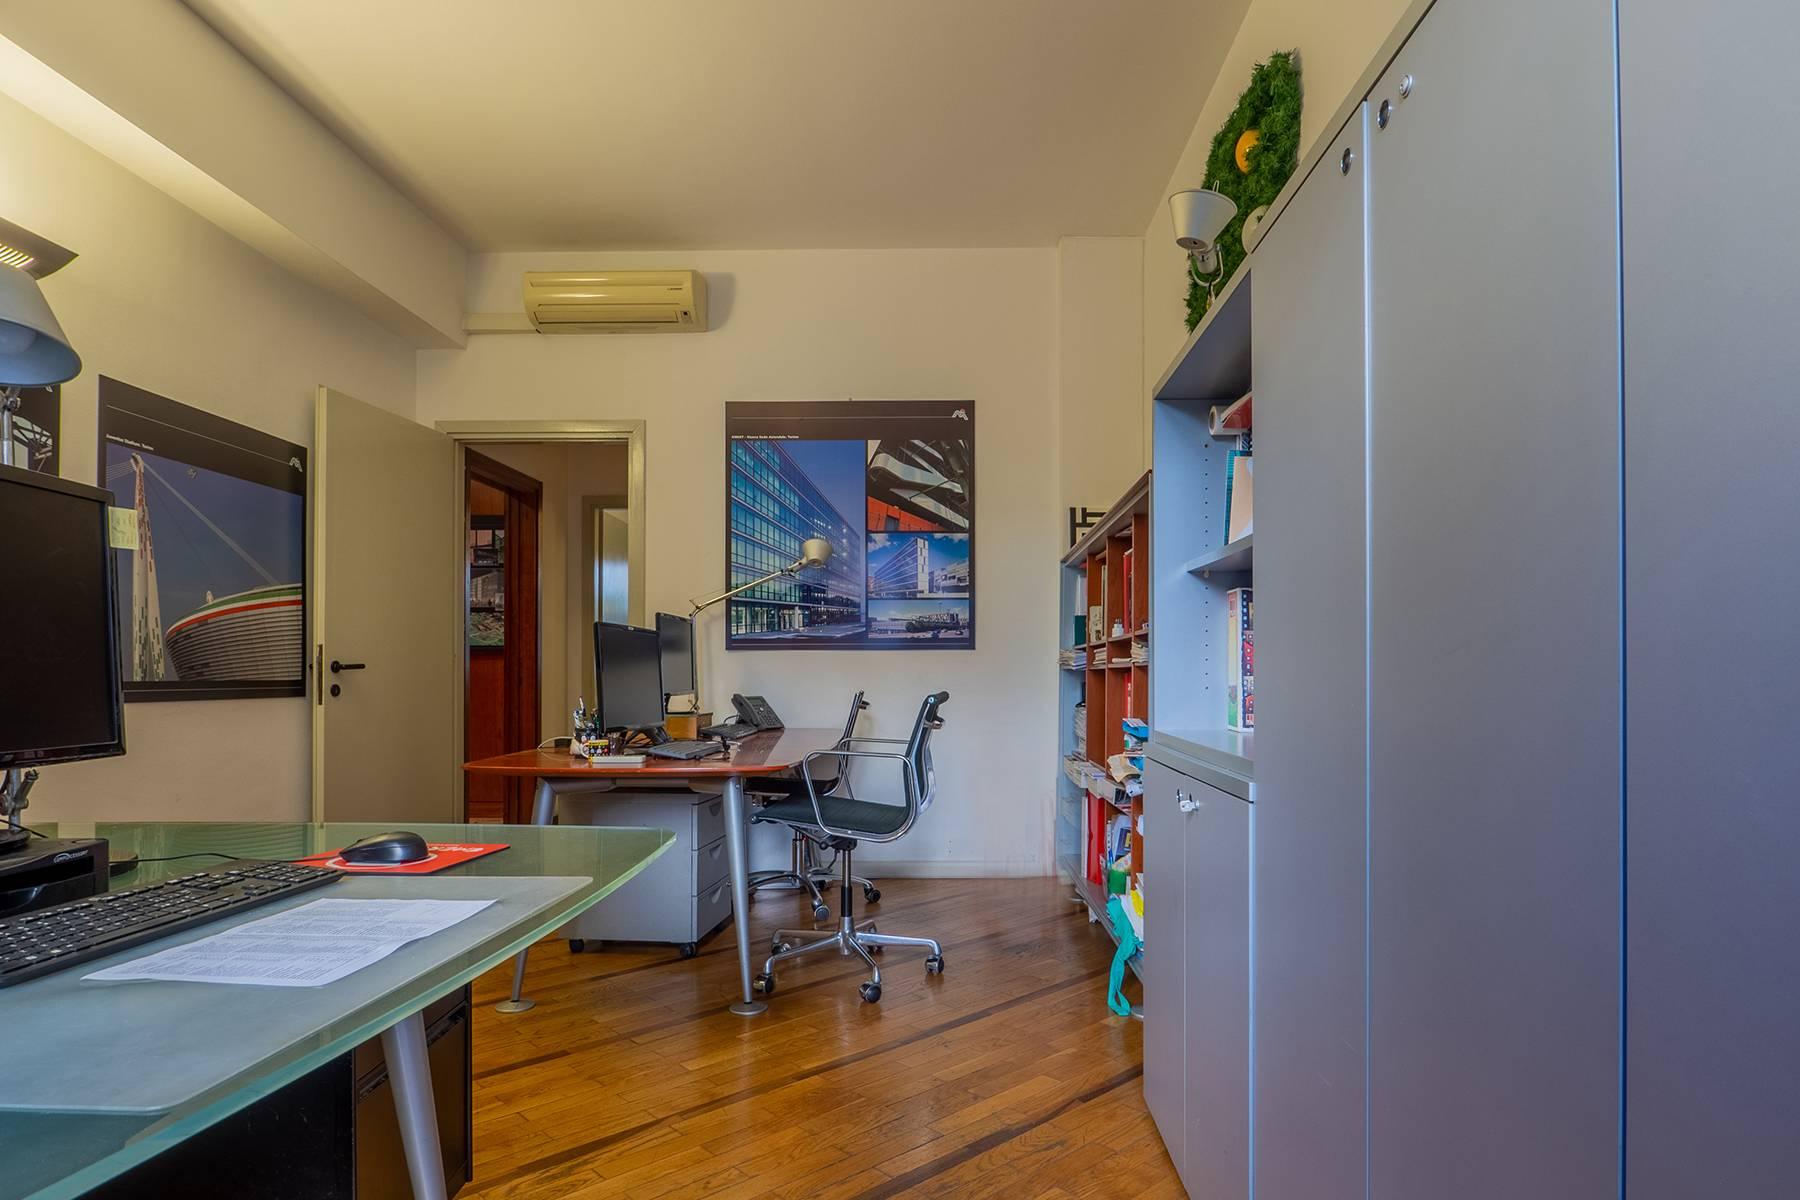 Ufficio-studio in Vendita a Torino: 2 locali, 89 mq - Foto 3